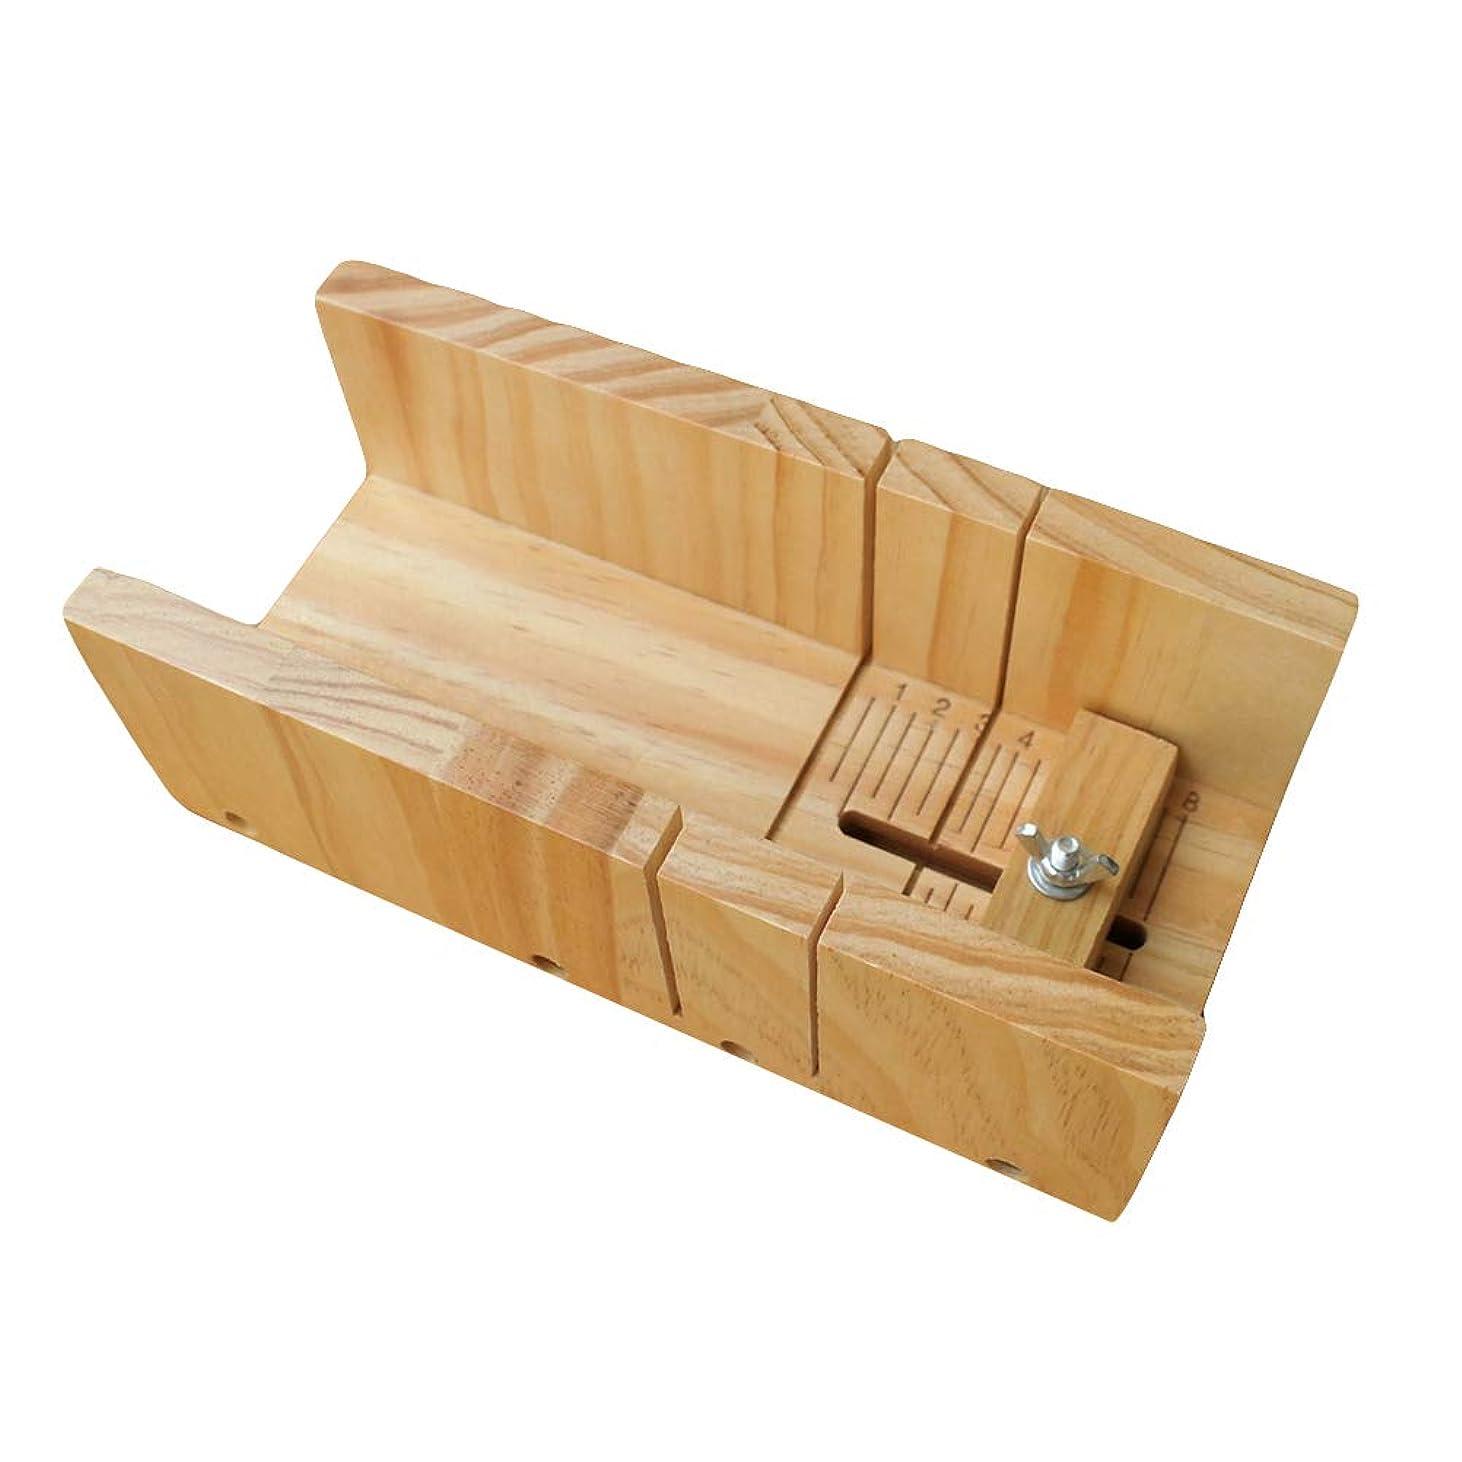 再生クリークもっとOUNONA ウッドソープロープカッターモールドプレミアム調整可能カッターモールドボックスソープ(木製カラー)